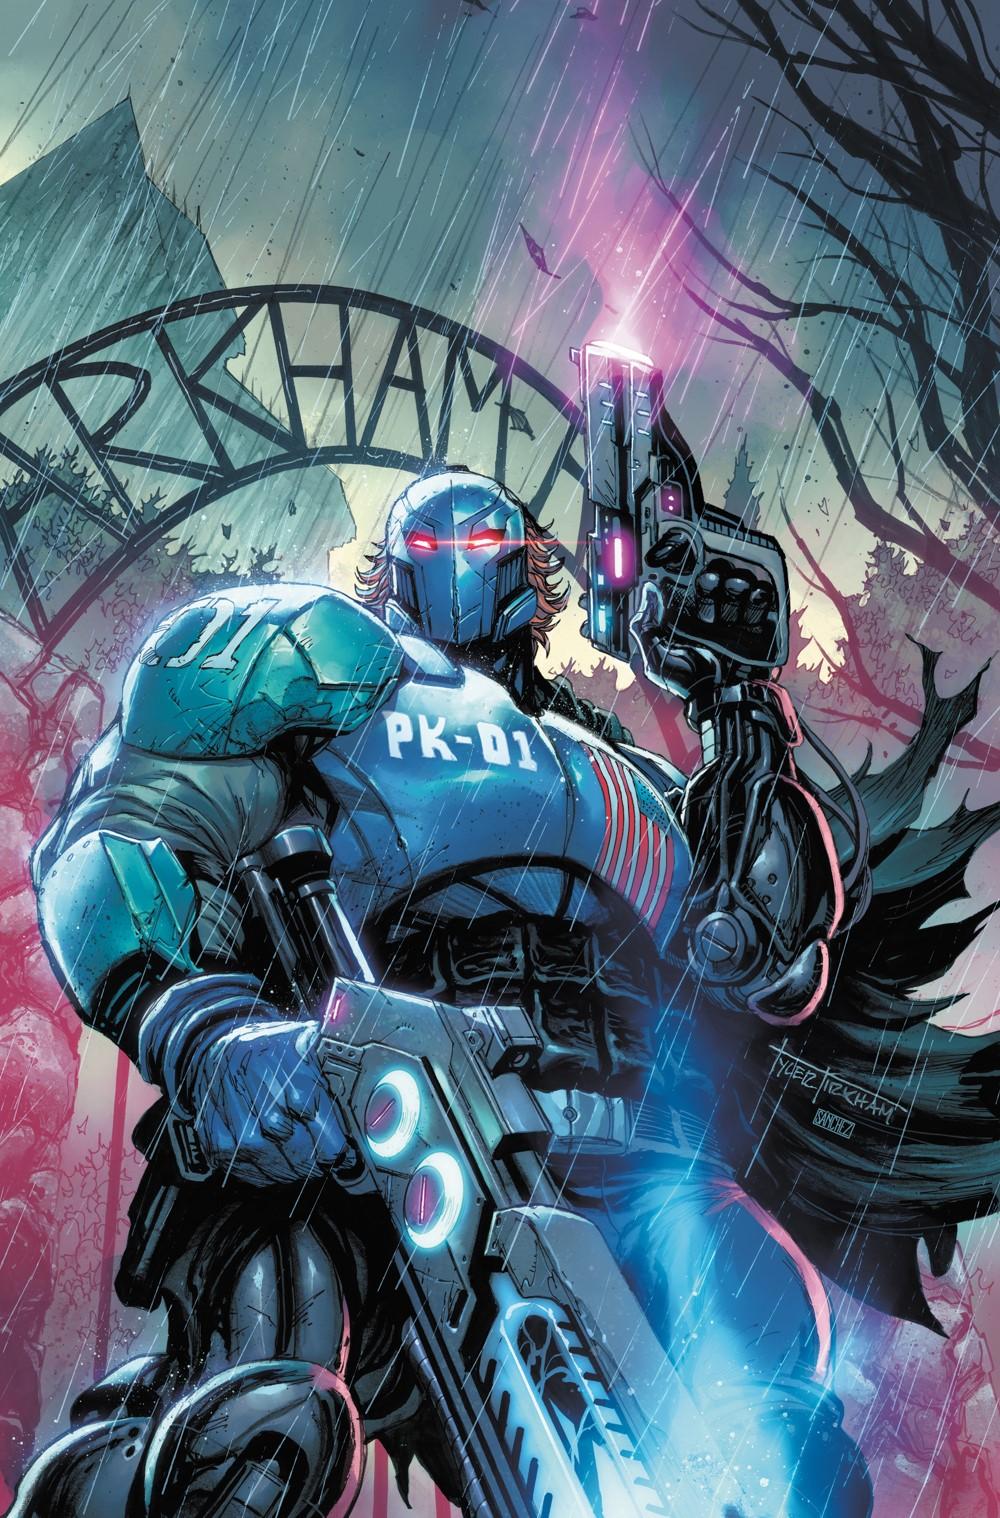 BM-SECRET-FILES-PEACEKEEPER-Variant DC Comics October 2021 Solicitations